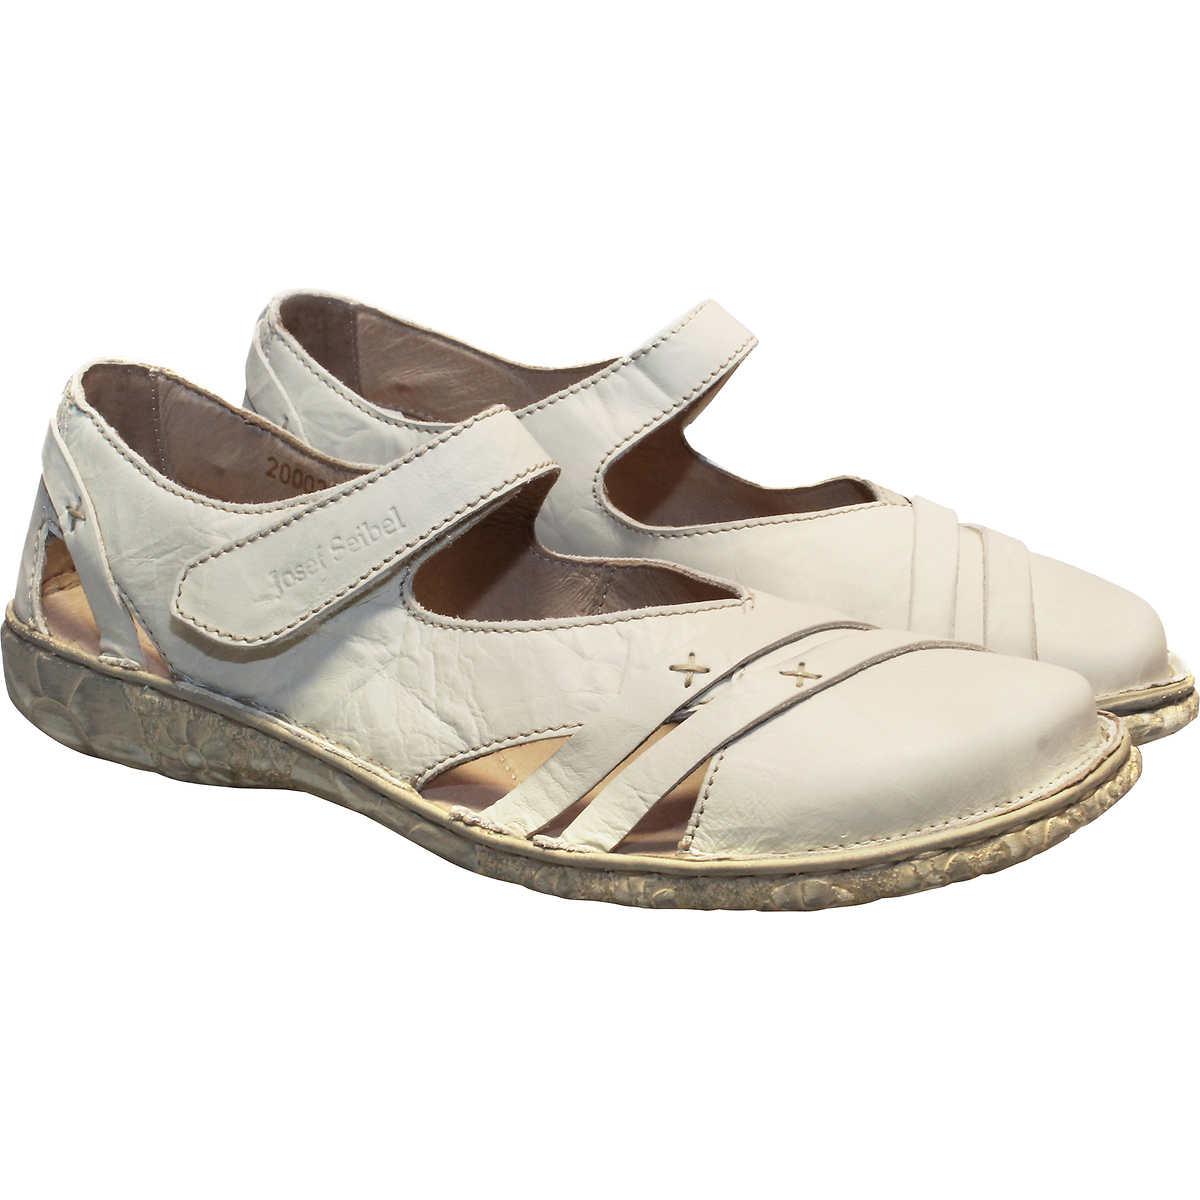 3aab0ff6fdab80 ... Josef Seibel – Inka 12 – Porcelain Leather Shoe TOMS Ladies  ...